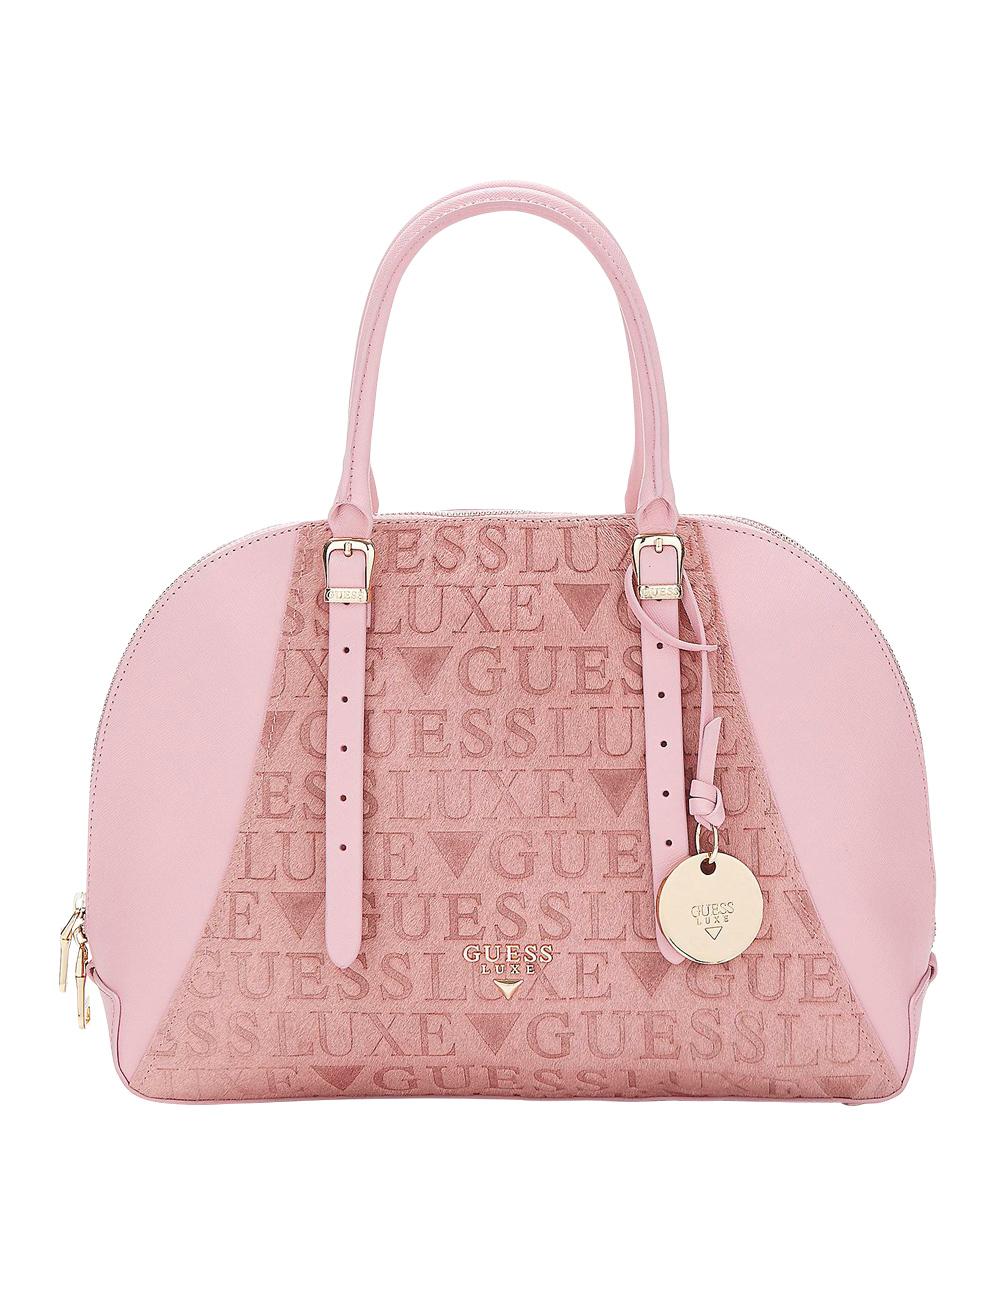 cb8a65cf2c52c Bauletto-Handtasche «Lady Luxe» von Guess